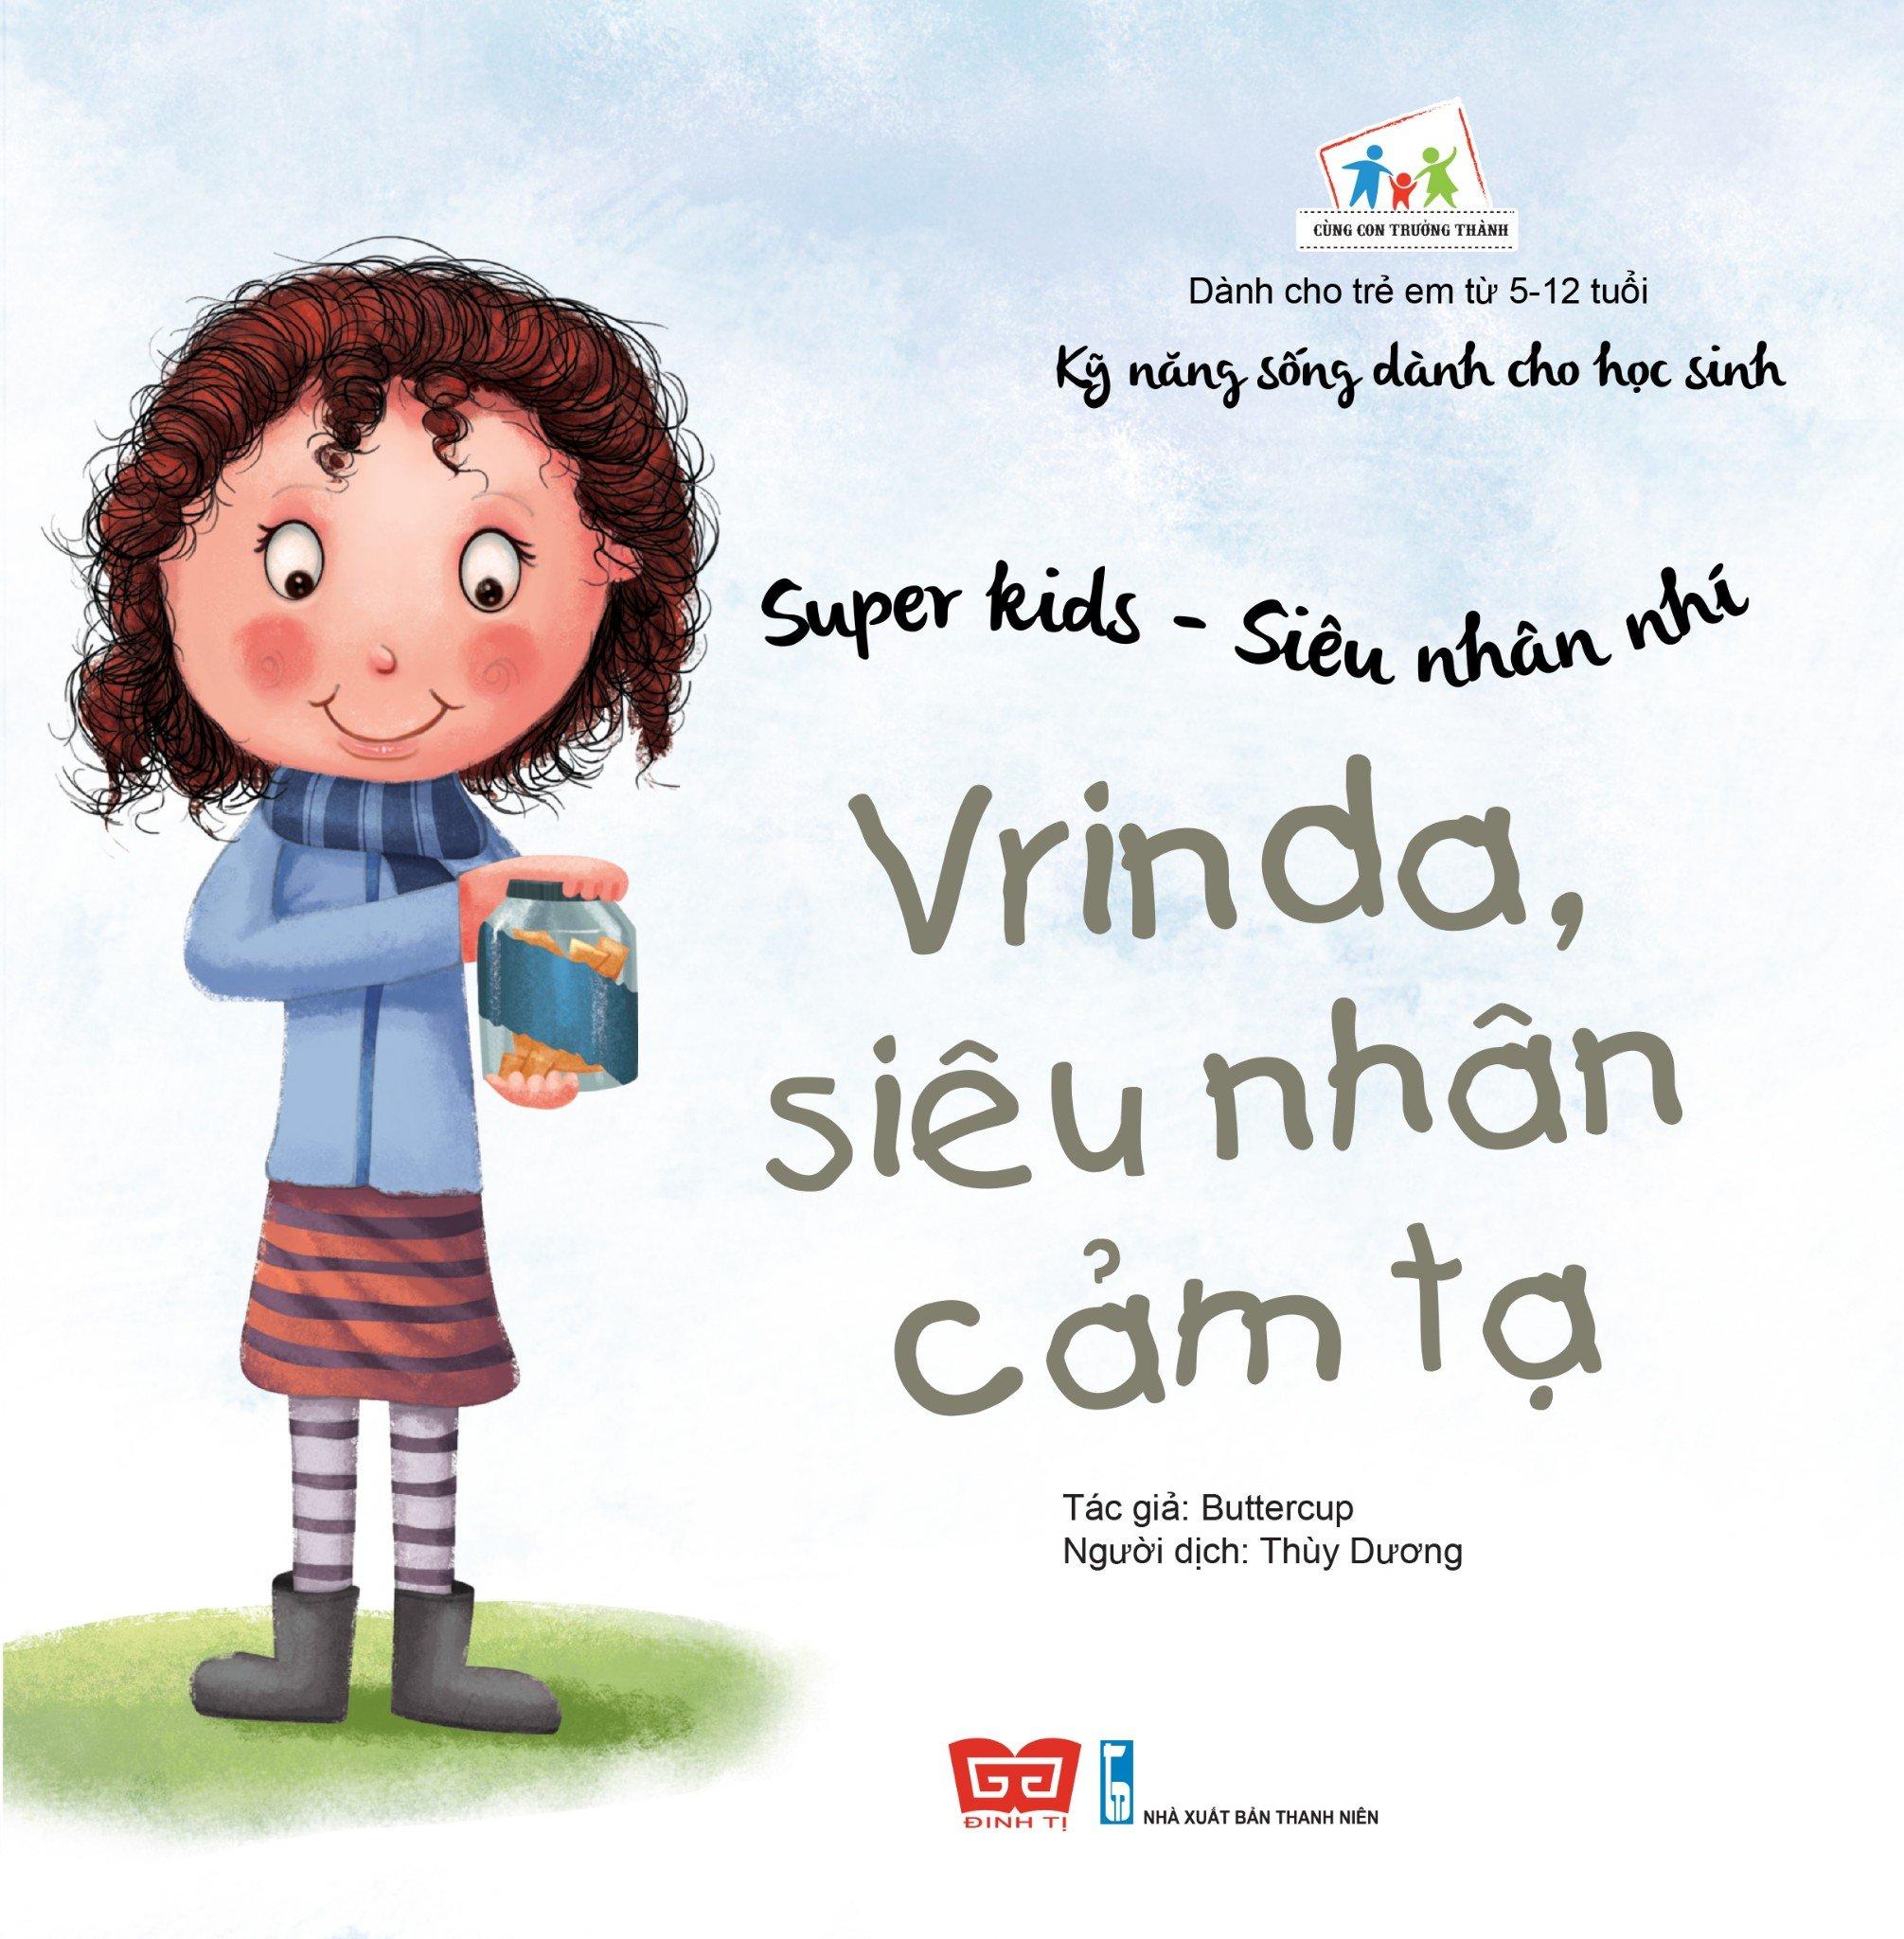 Kỹ năng sống dành cho học sinh- Super kids - Siêu nhân nhí - Vrinda, siêu nhân cảm tạ